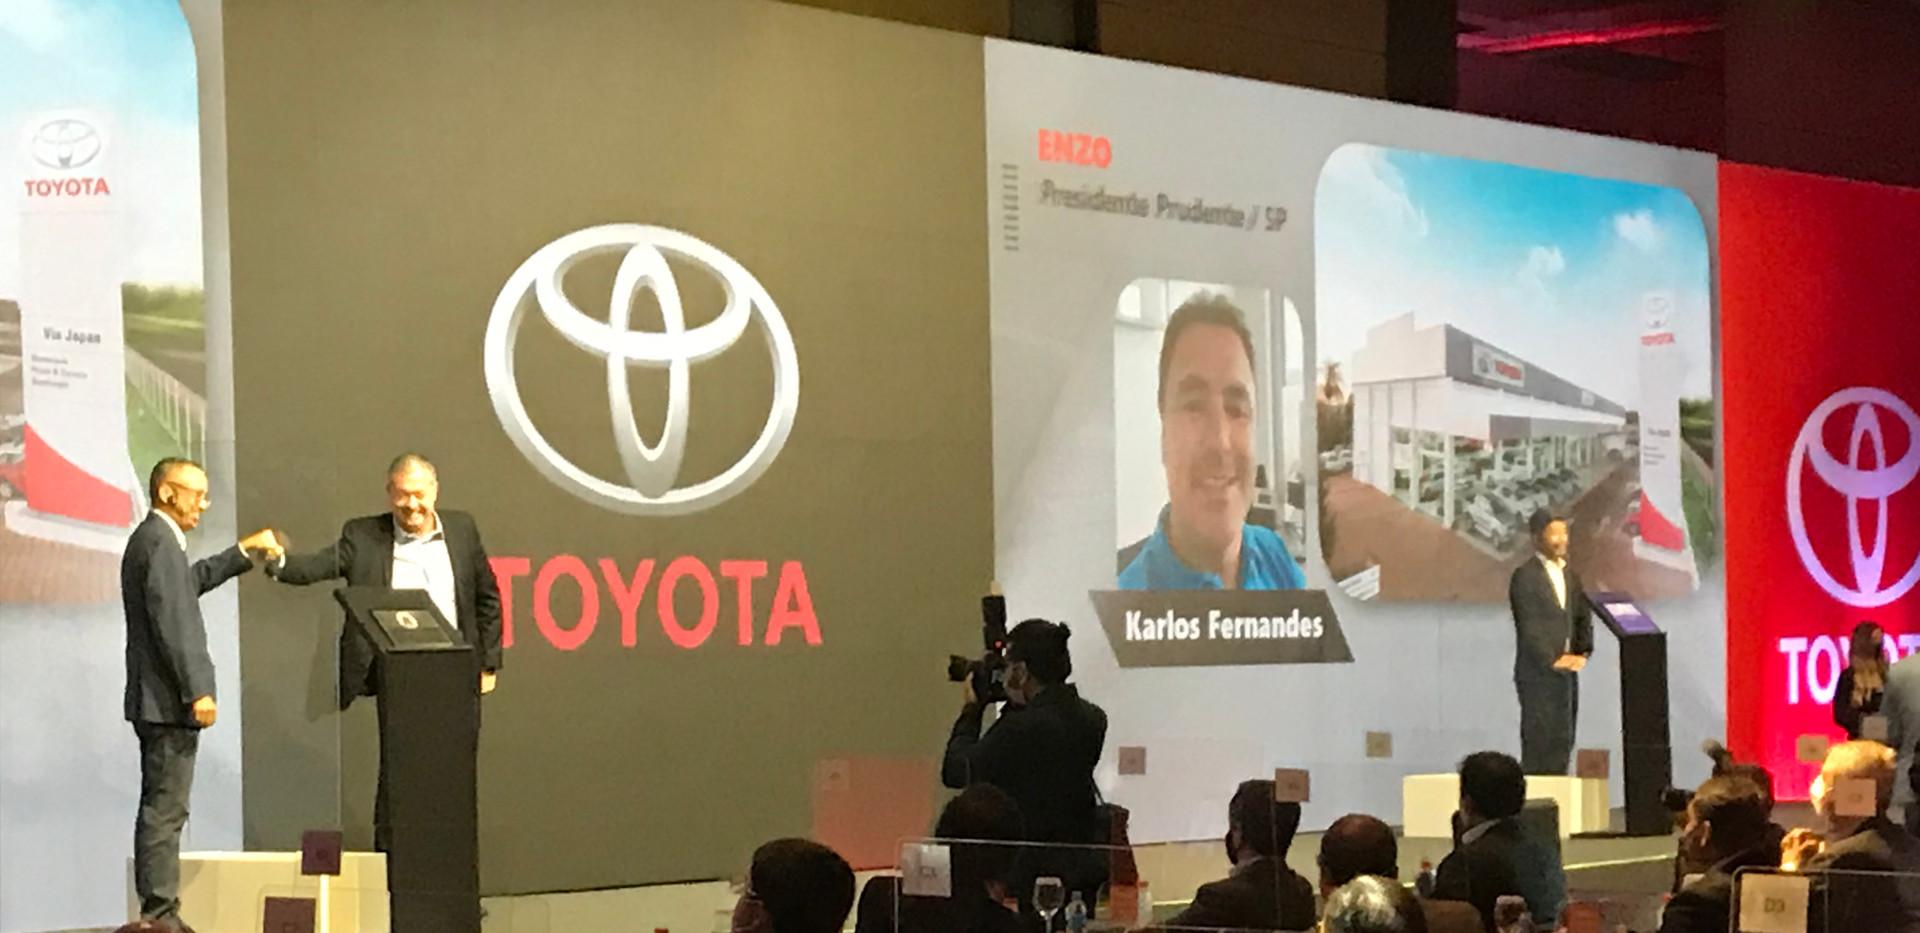 Evento Hibrido Toyota Palco com Acrilico